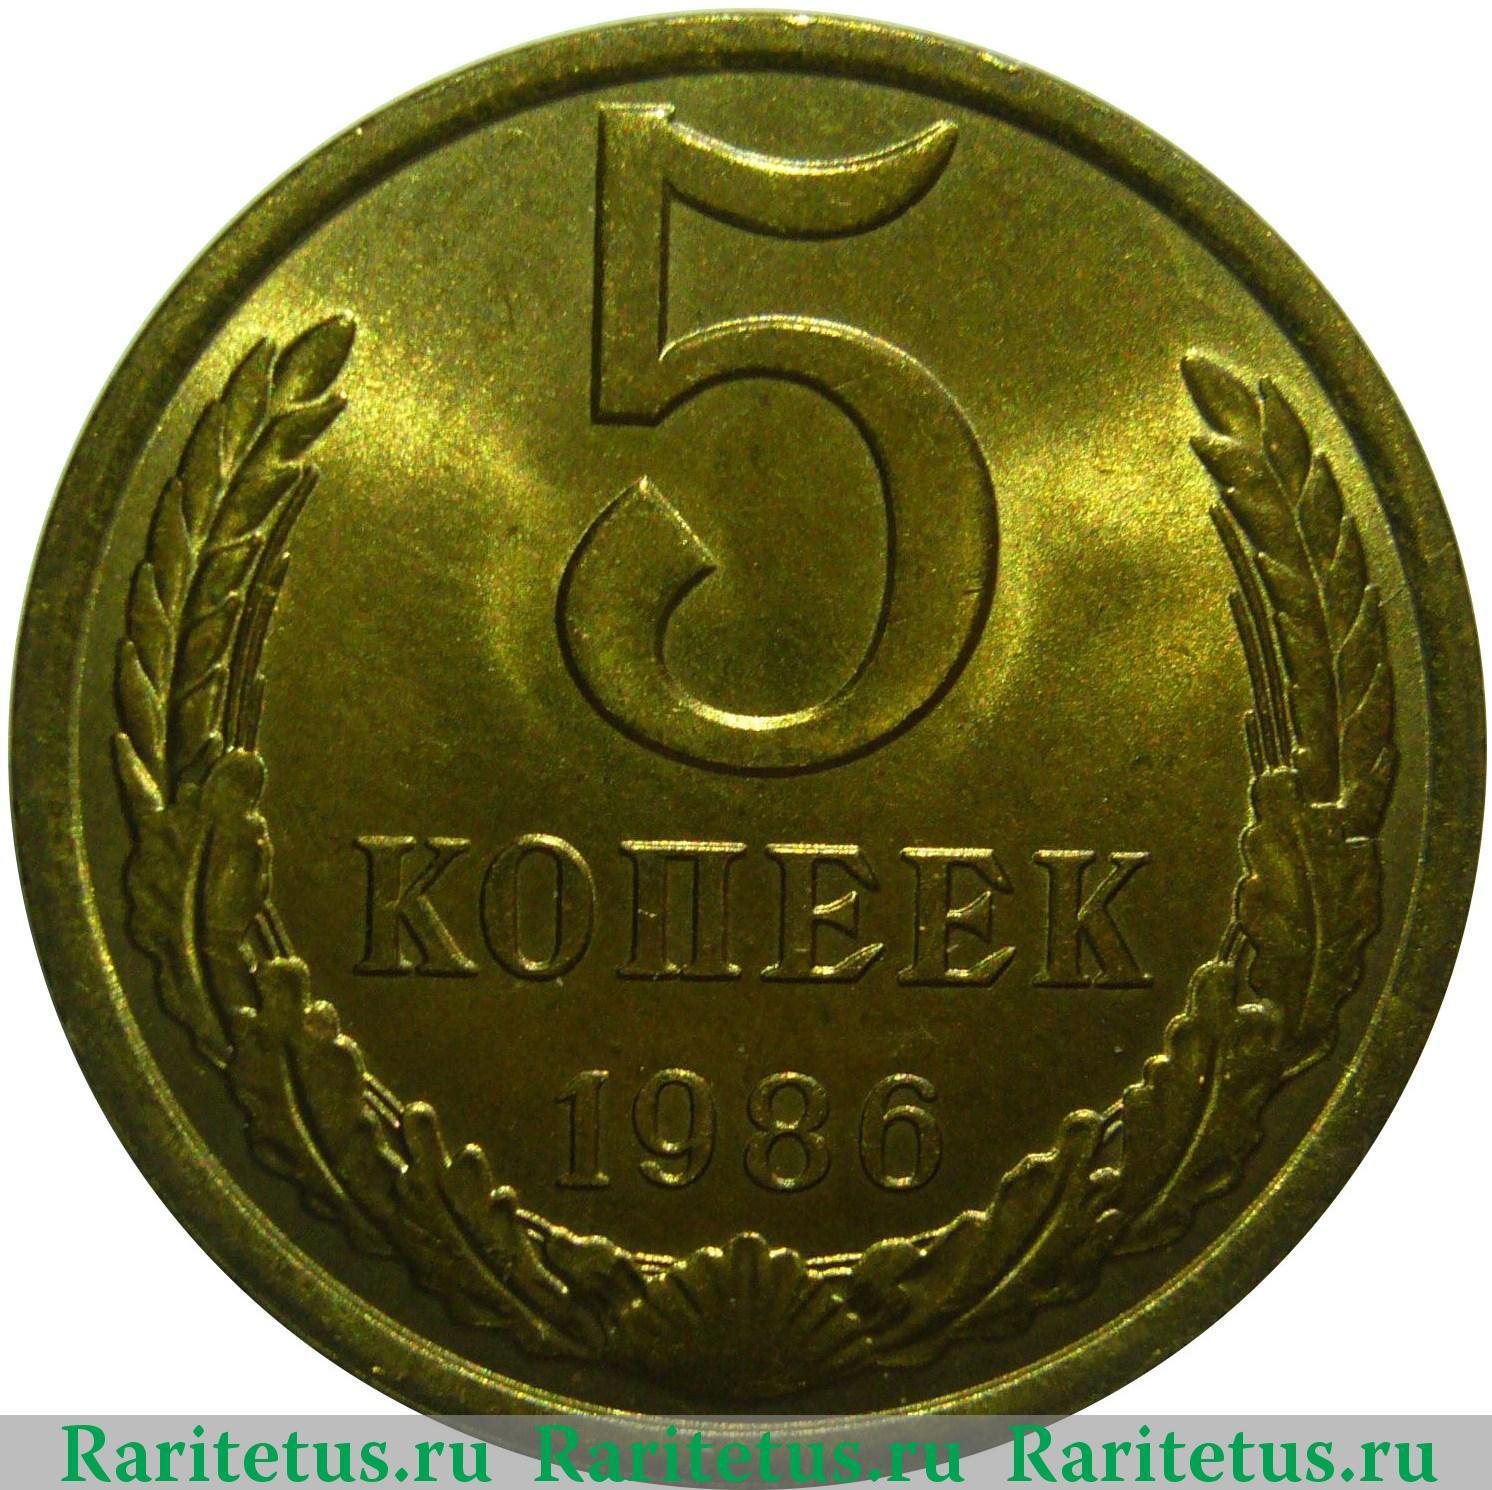 Стоимость монет 1986 года цена ссср годы правления николая 2 и монеты выпущенные им